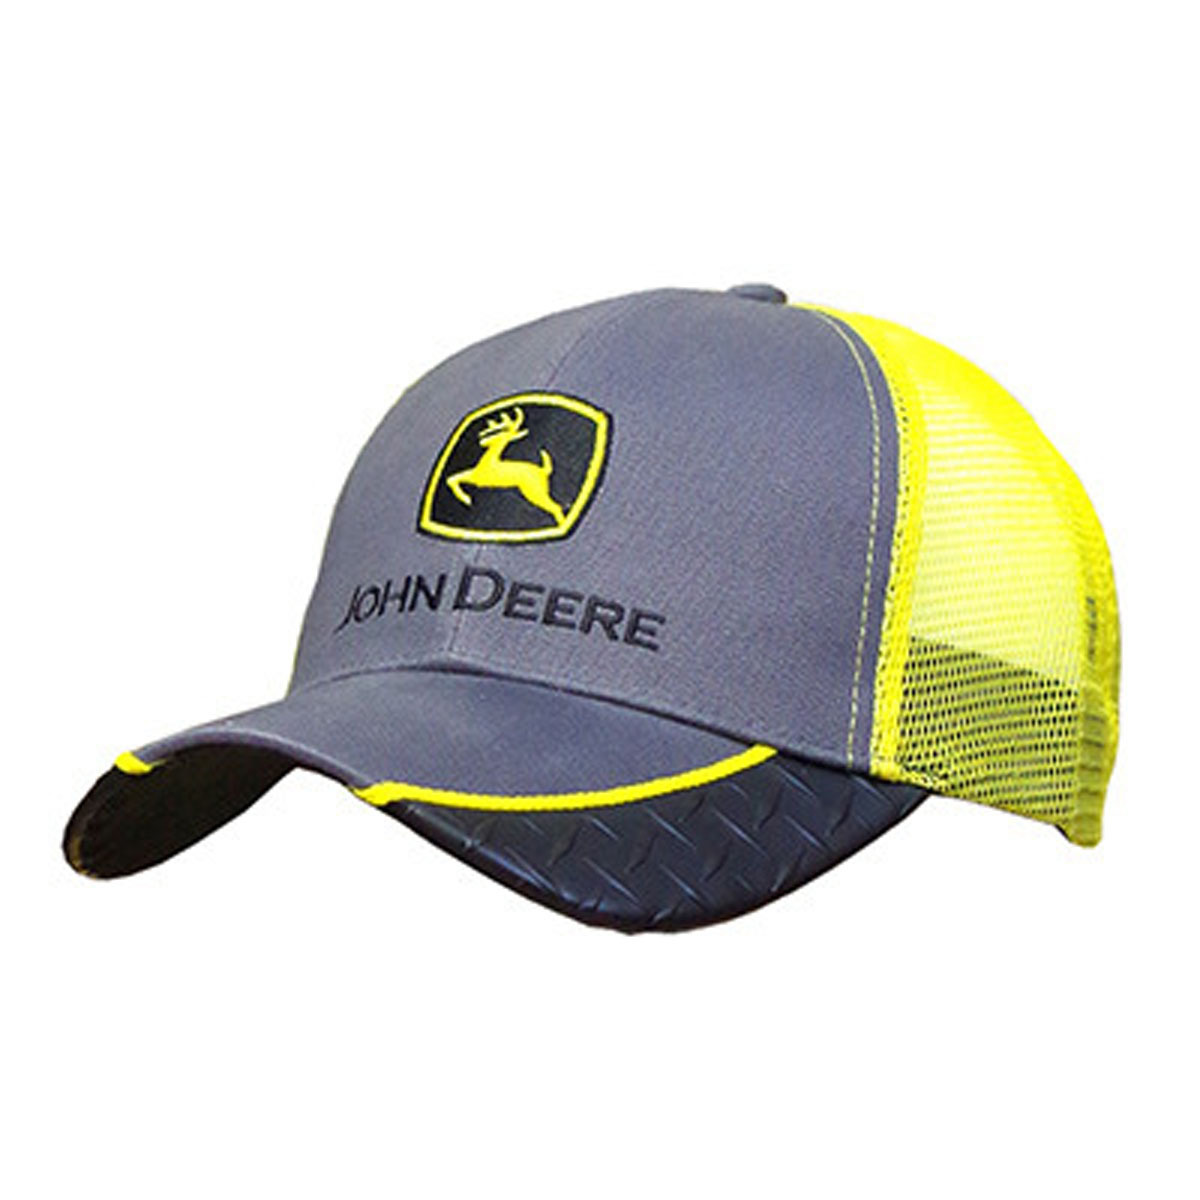 a691215334e30 Los vehículos para trabajar el campo también tienen sus incondicionales.  John Deere es objeto de culto con esta sofisticada gorra de estilo trucker  hat.